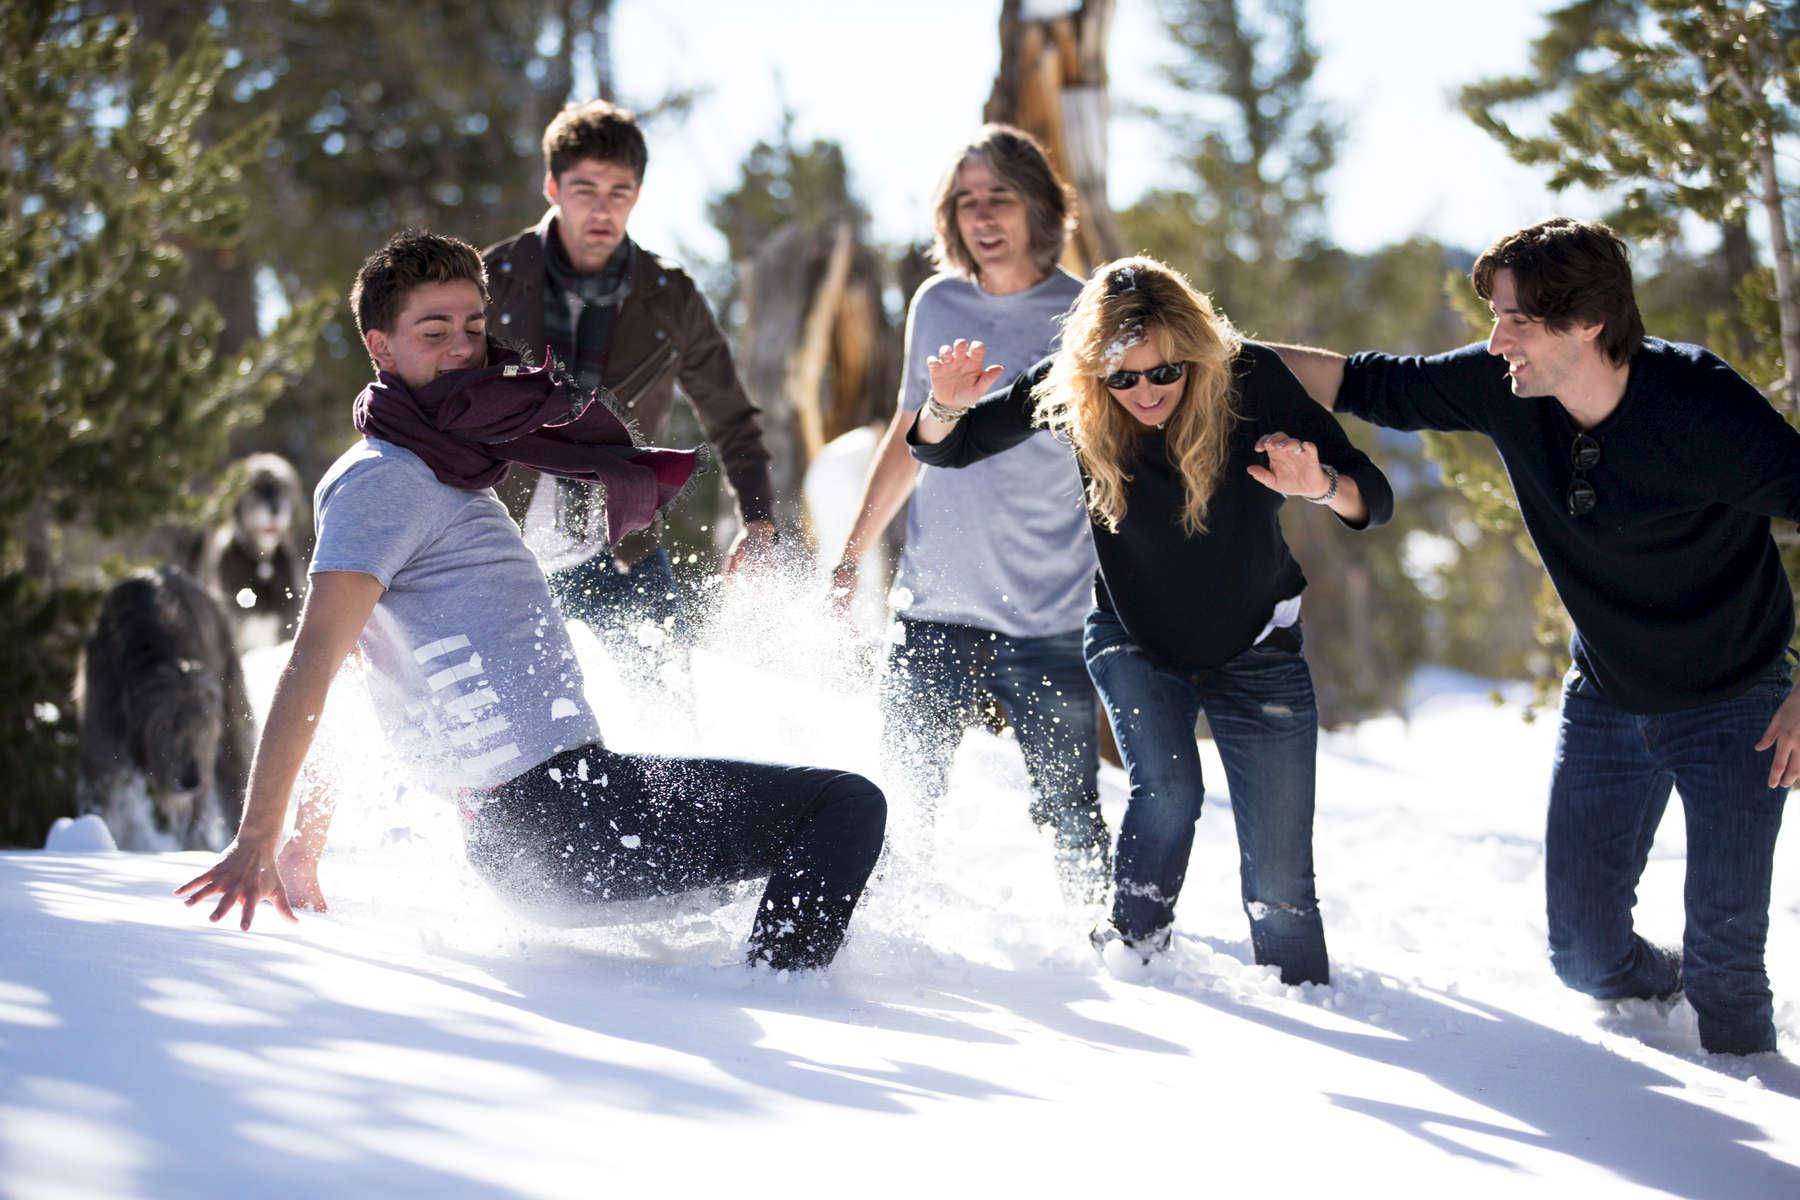 tahoe-winter-white